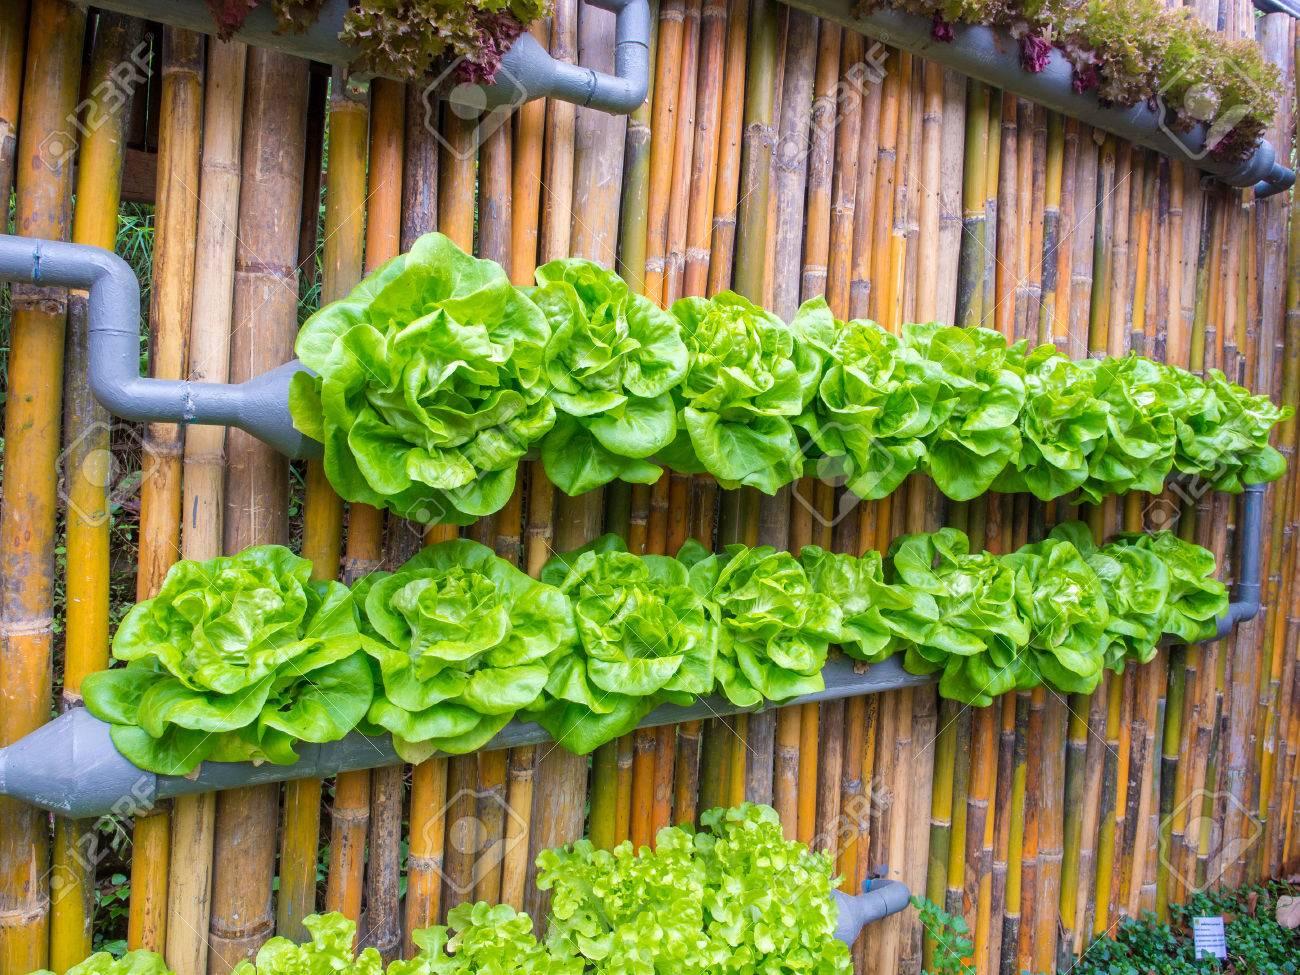 Jardin Verticale vegetal en pared decorada jardín vertical idea en la ciudad fotos